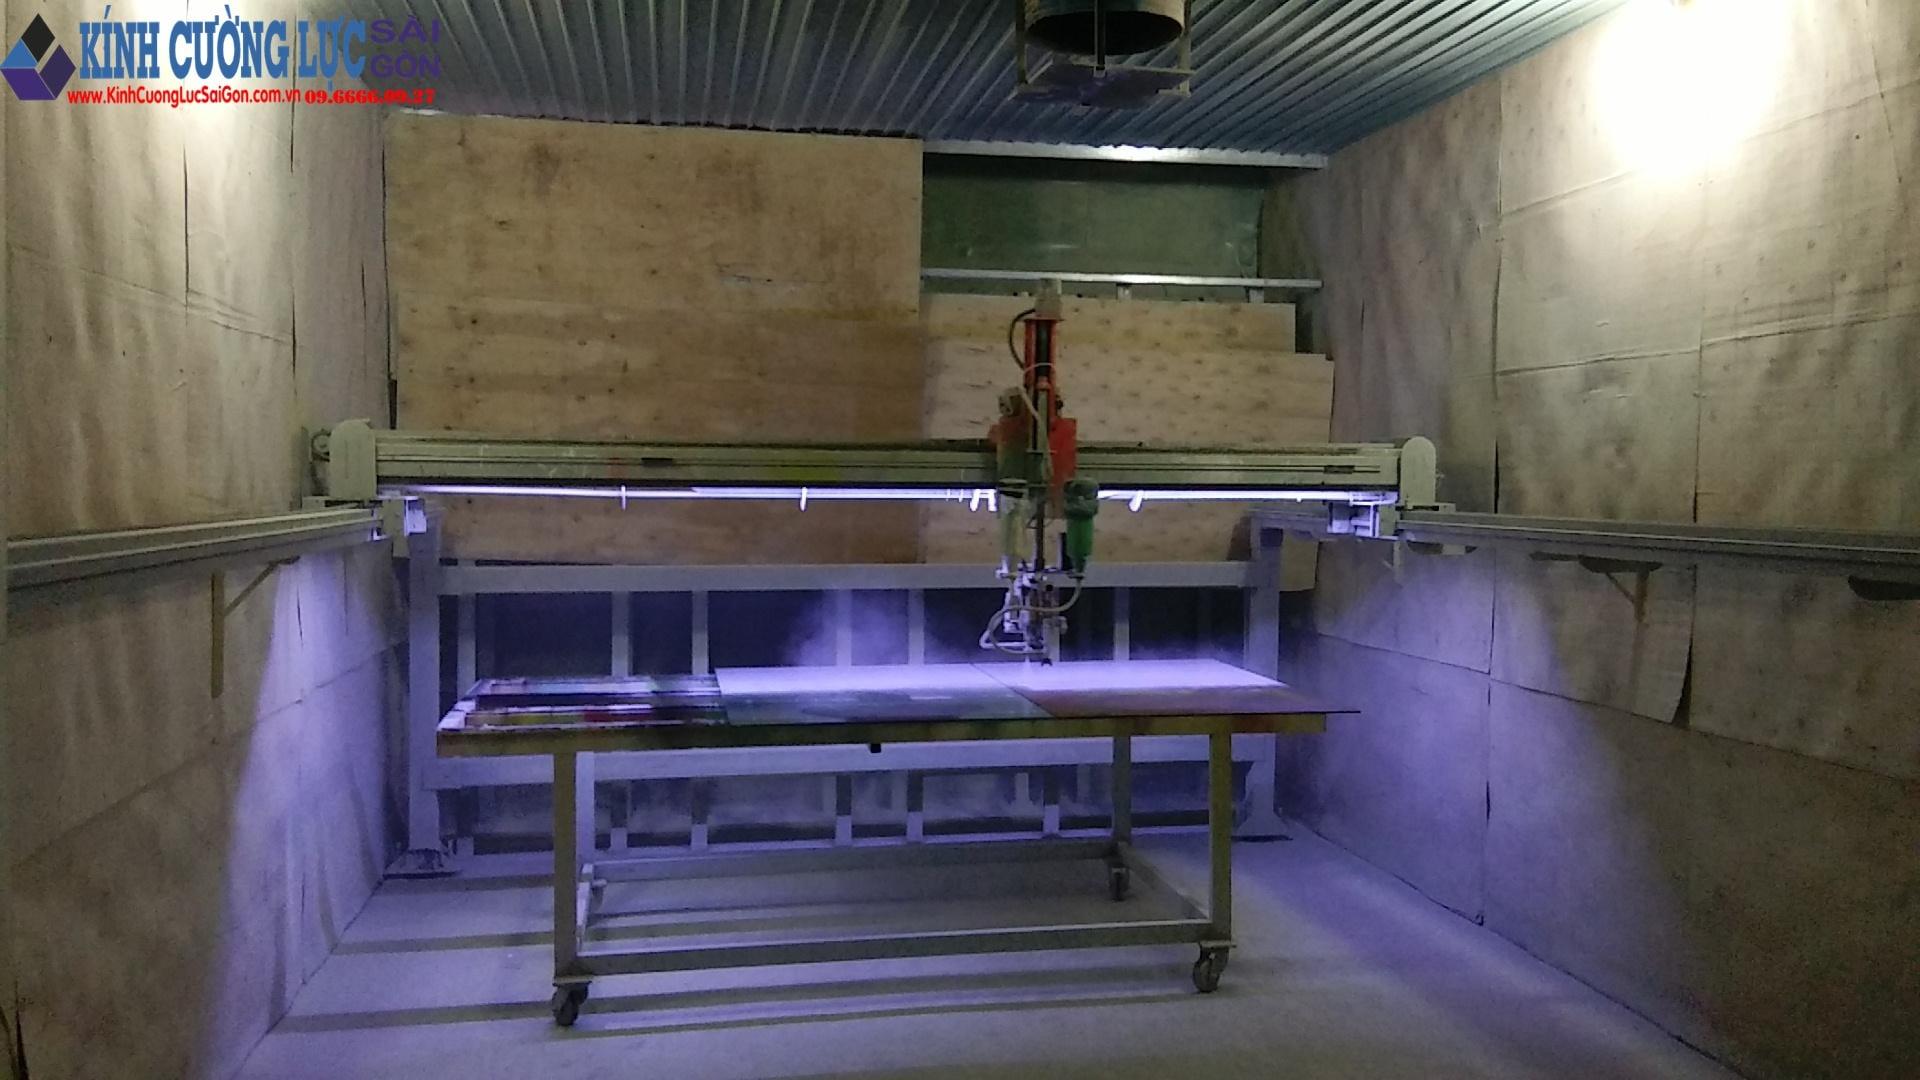 Quá trình máy phun sơn hoạt động